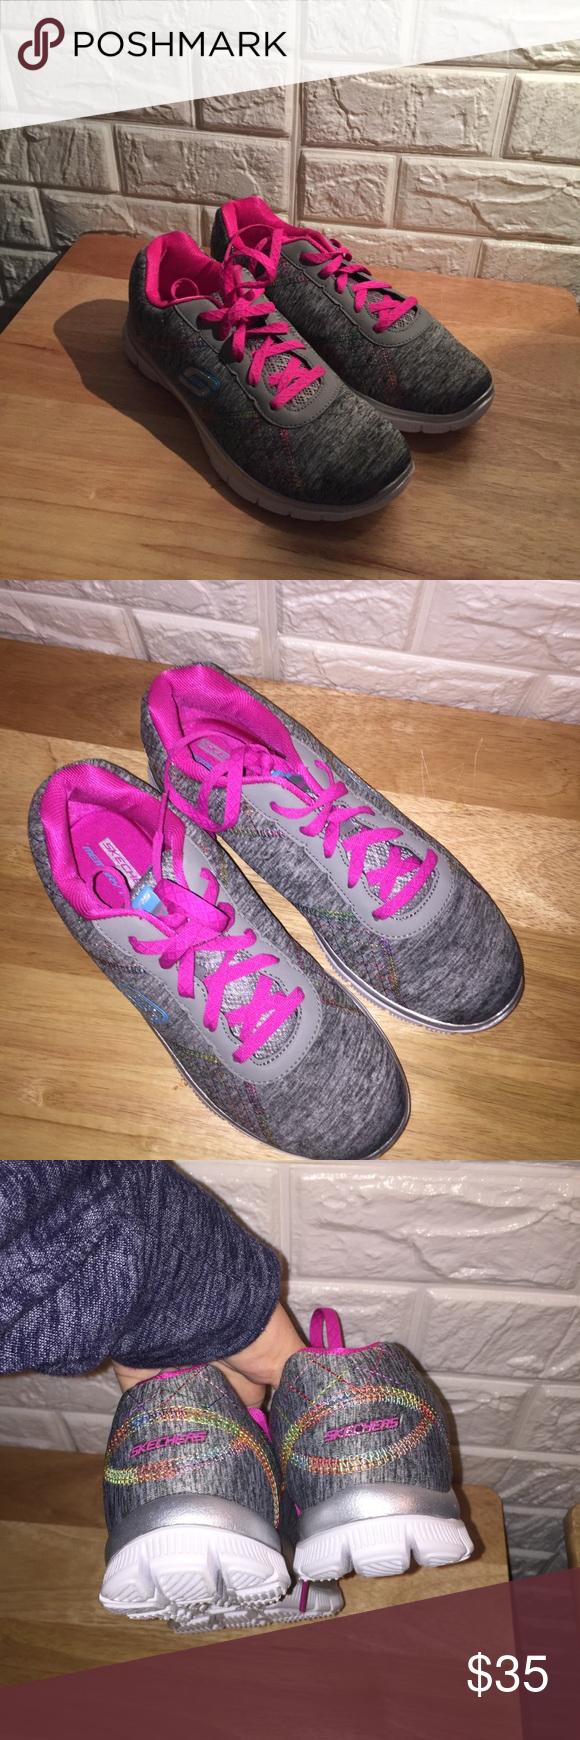 Skechers Shoes NWT Size 6                         </p>                     </div>                 </div>                 <div role=